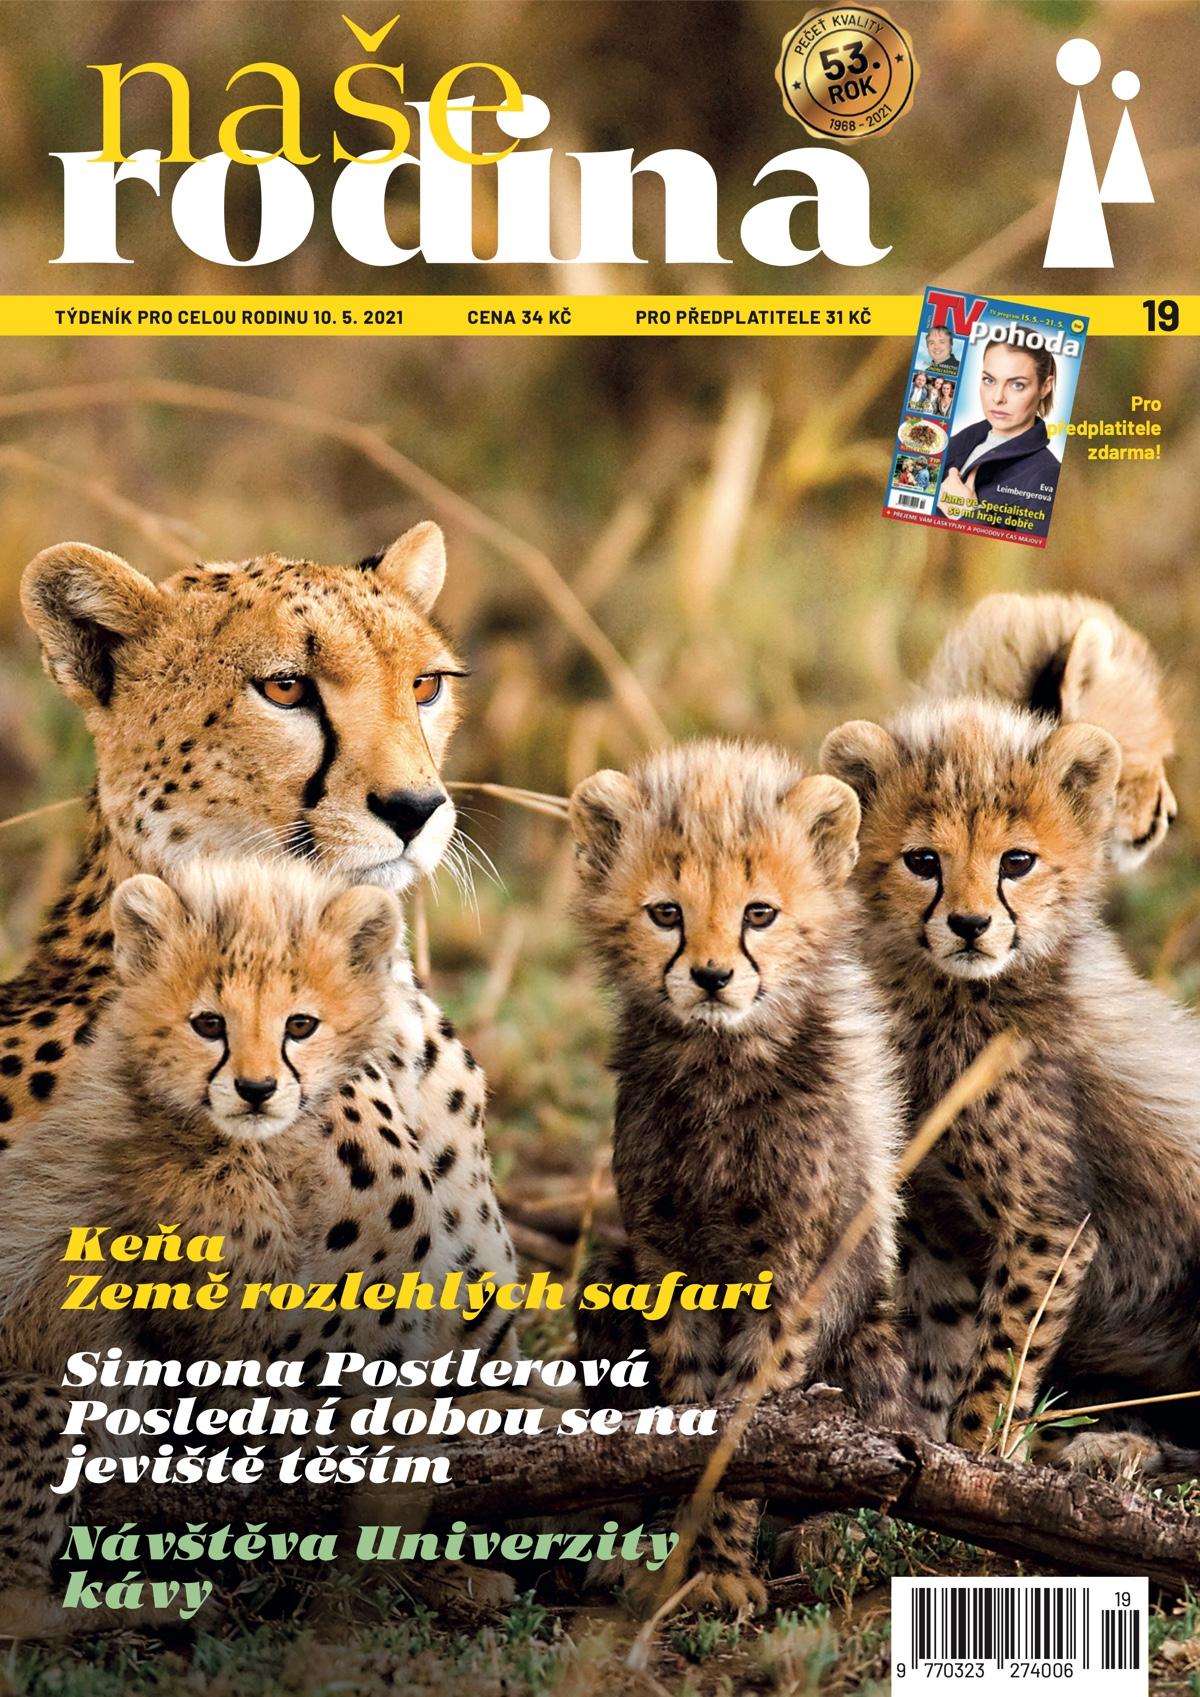 Titulní strana aktuálního vydání týdeníku Naše rodina